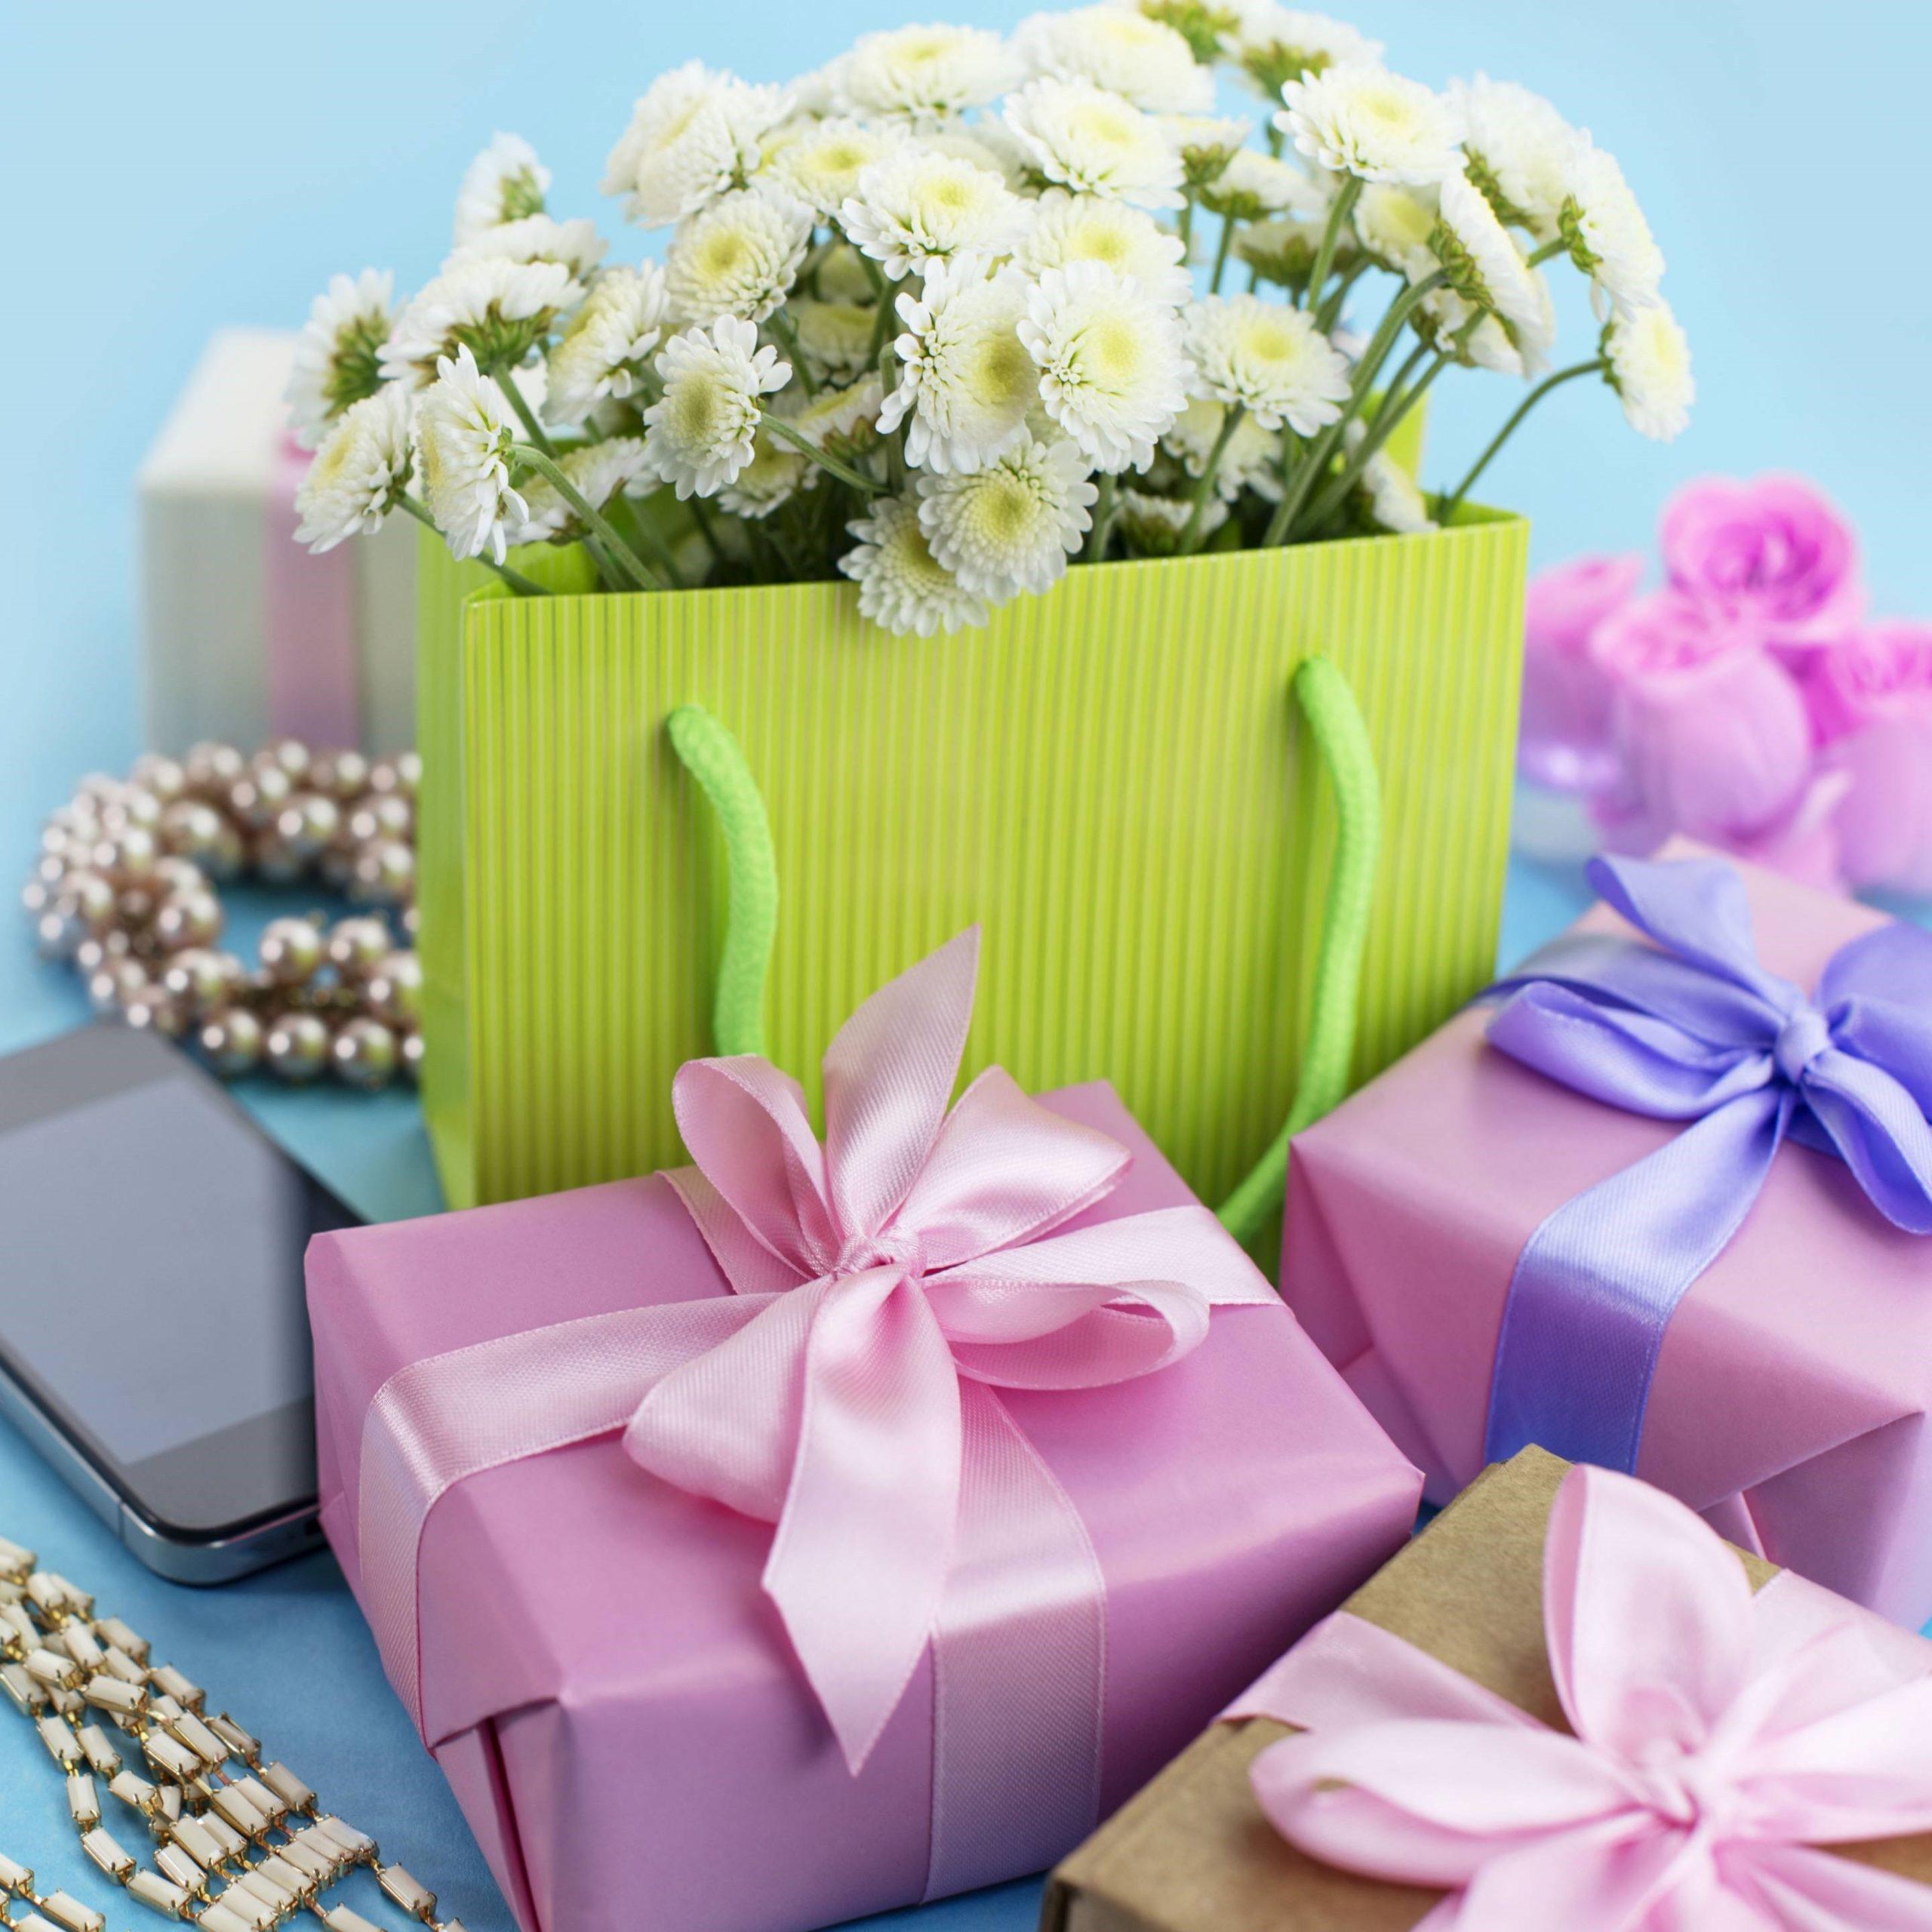 Fête des mères sur Pinterest: les fleurs sont toujours une bonne idée.